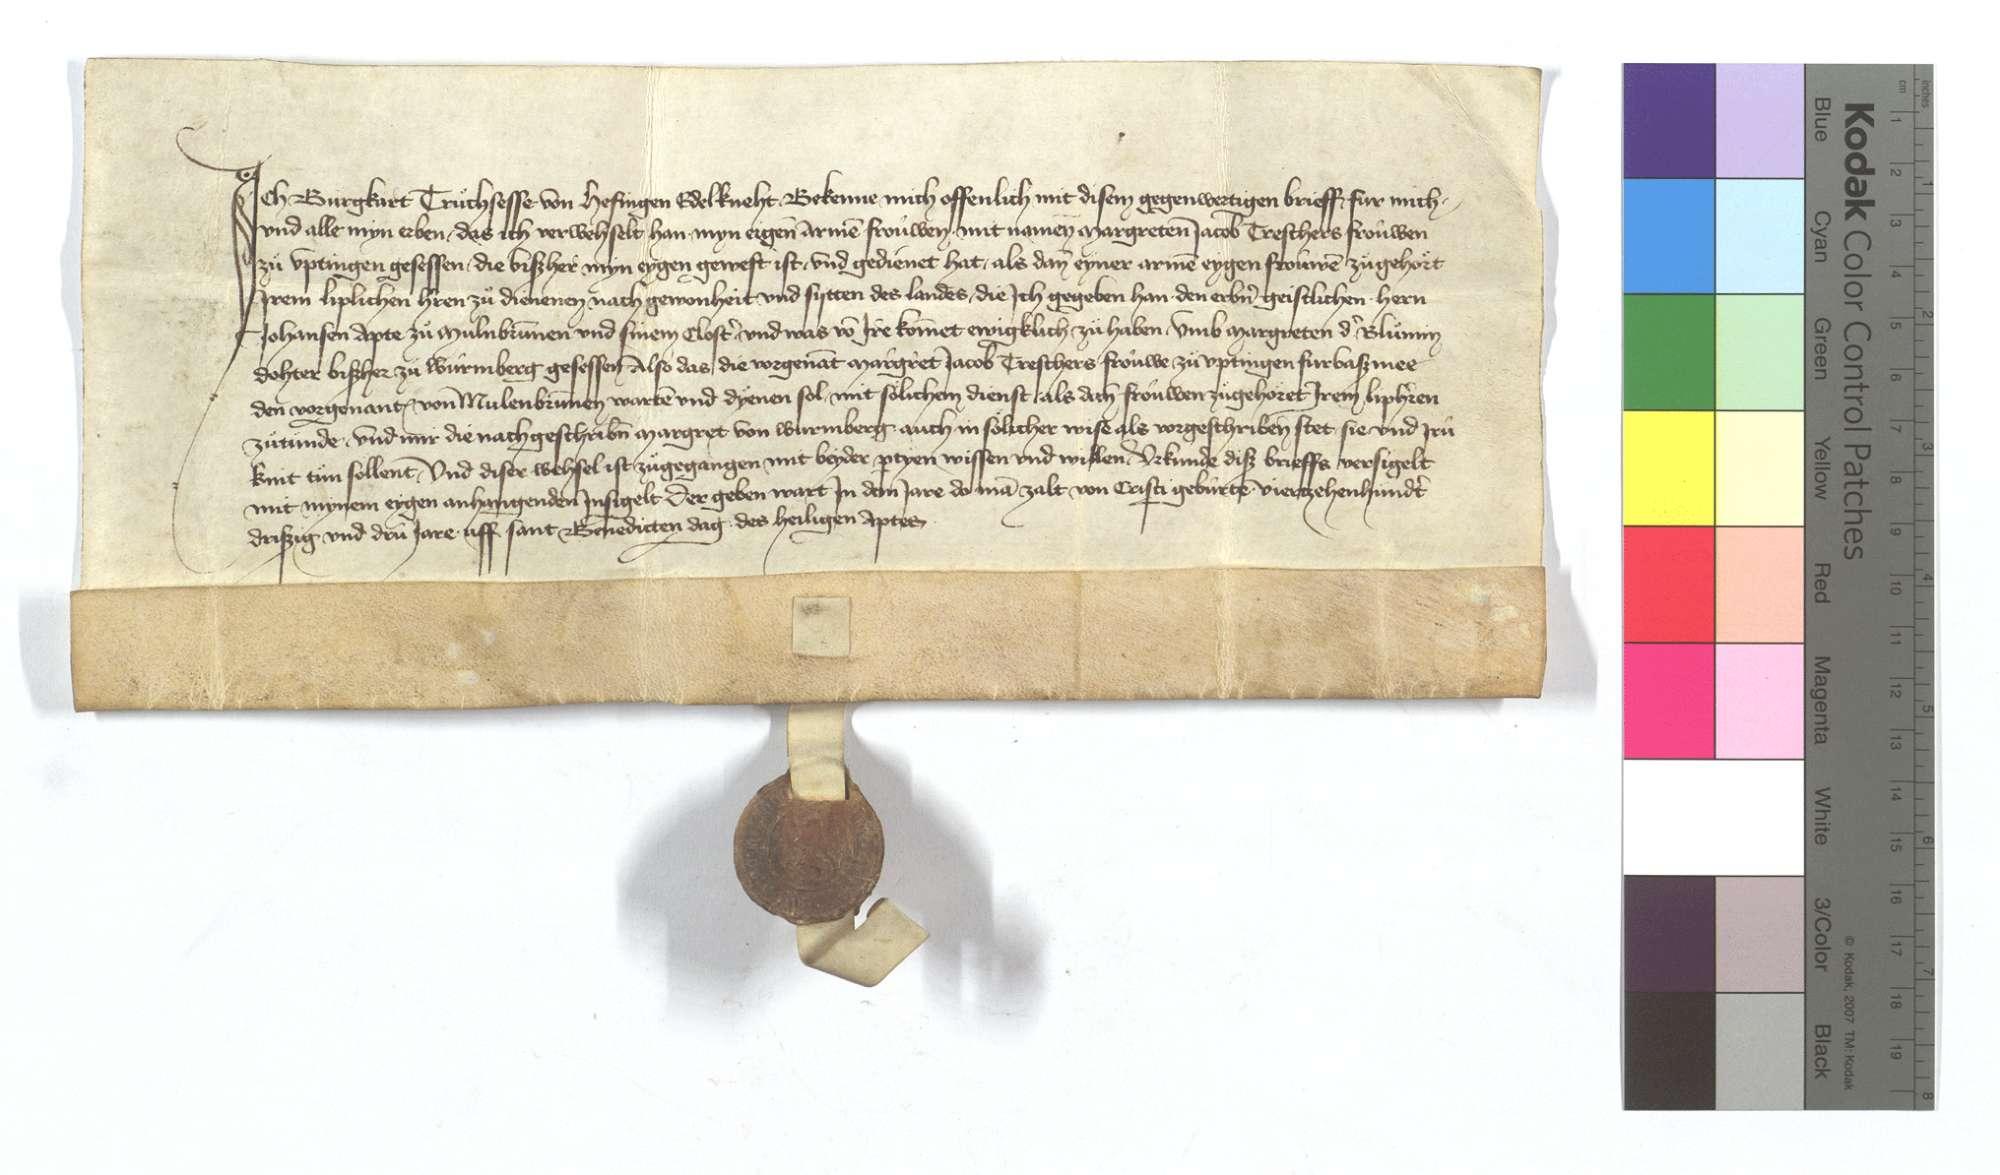 Burkard Truchsess von Höfingen (Hefingen) verkauft dem Kloster Maulbronn eine leibeigene Frau von Iptingen gegen eine andere von Wurmberg., Text